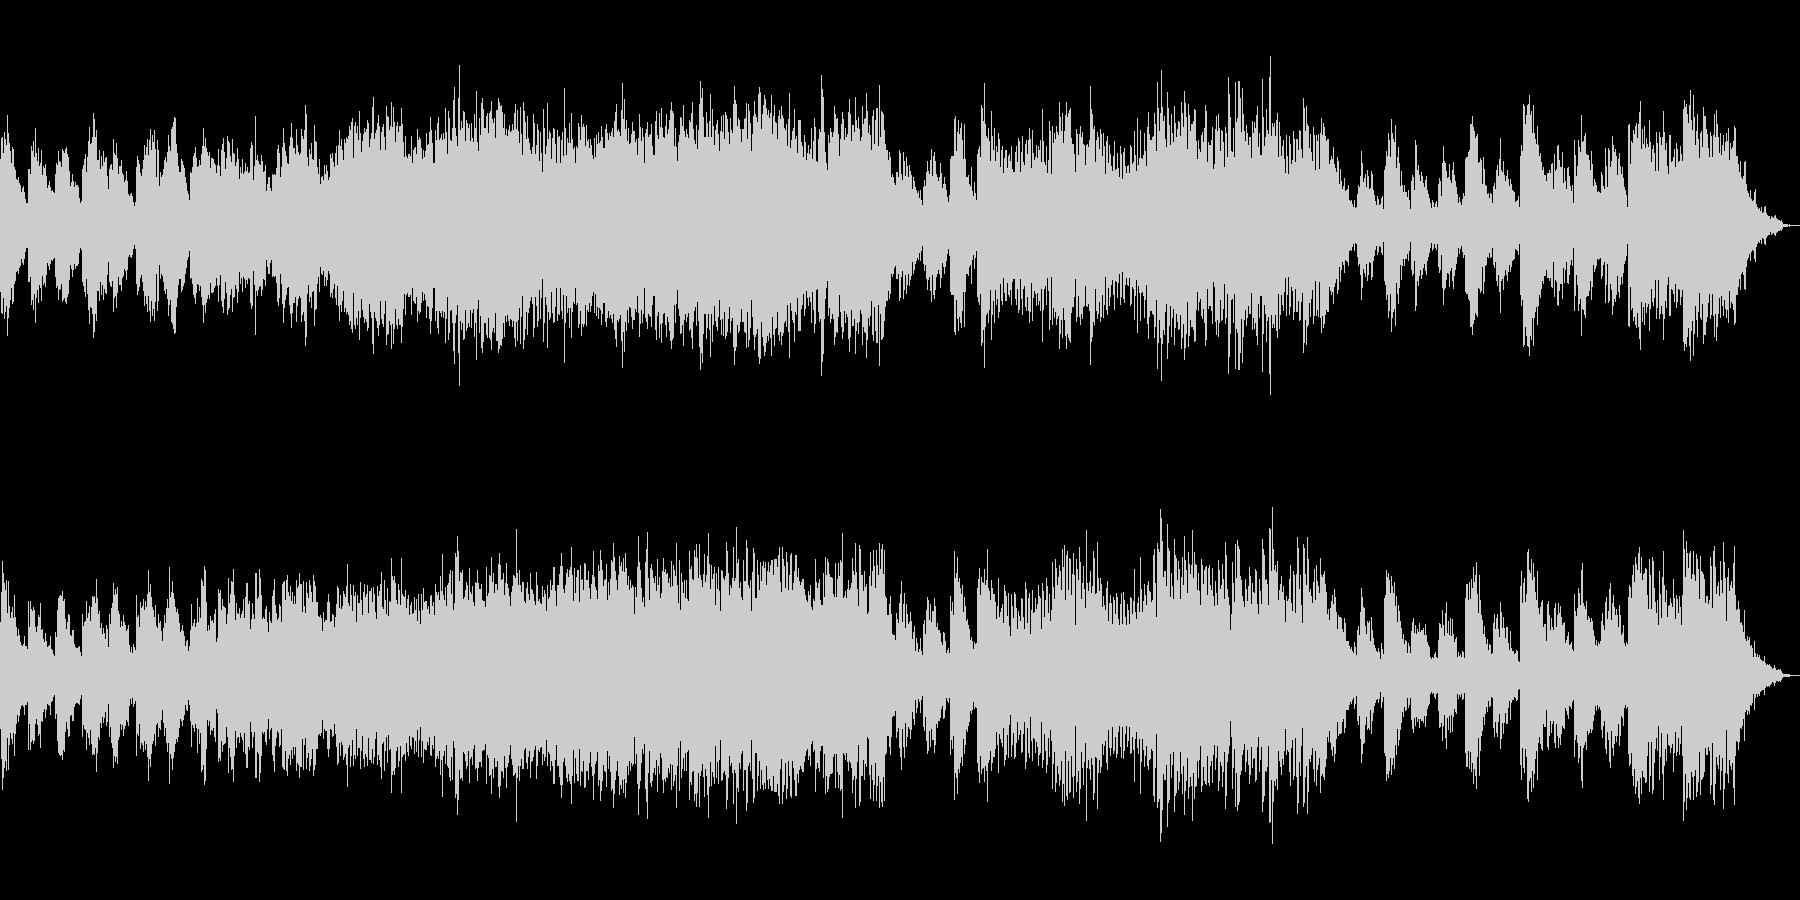 弦楽器の神秘的なサウンドの未再生の波形